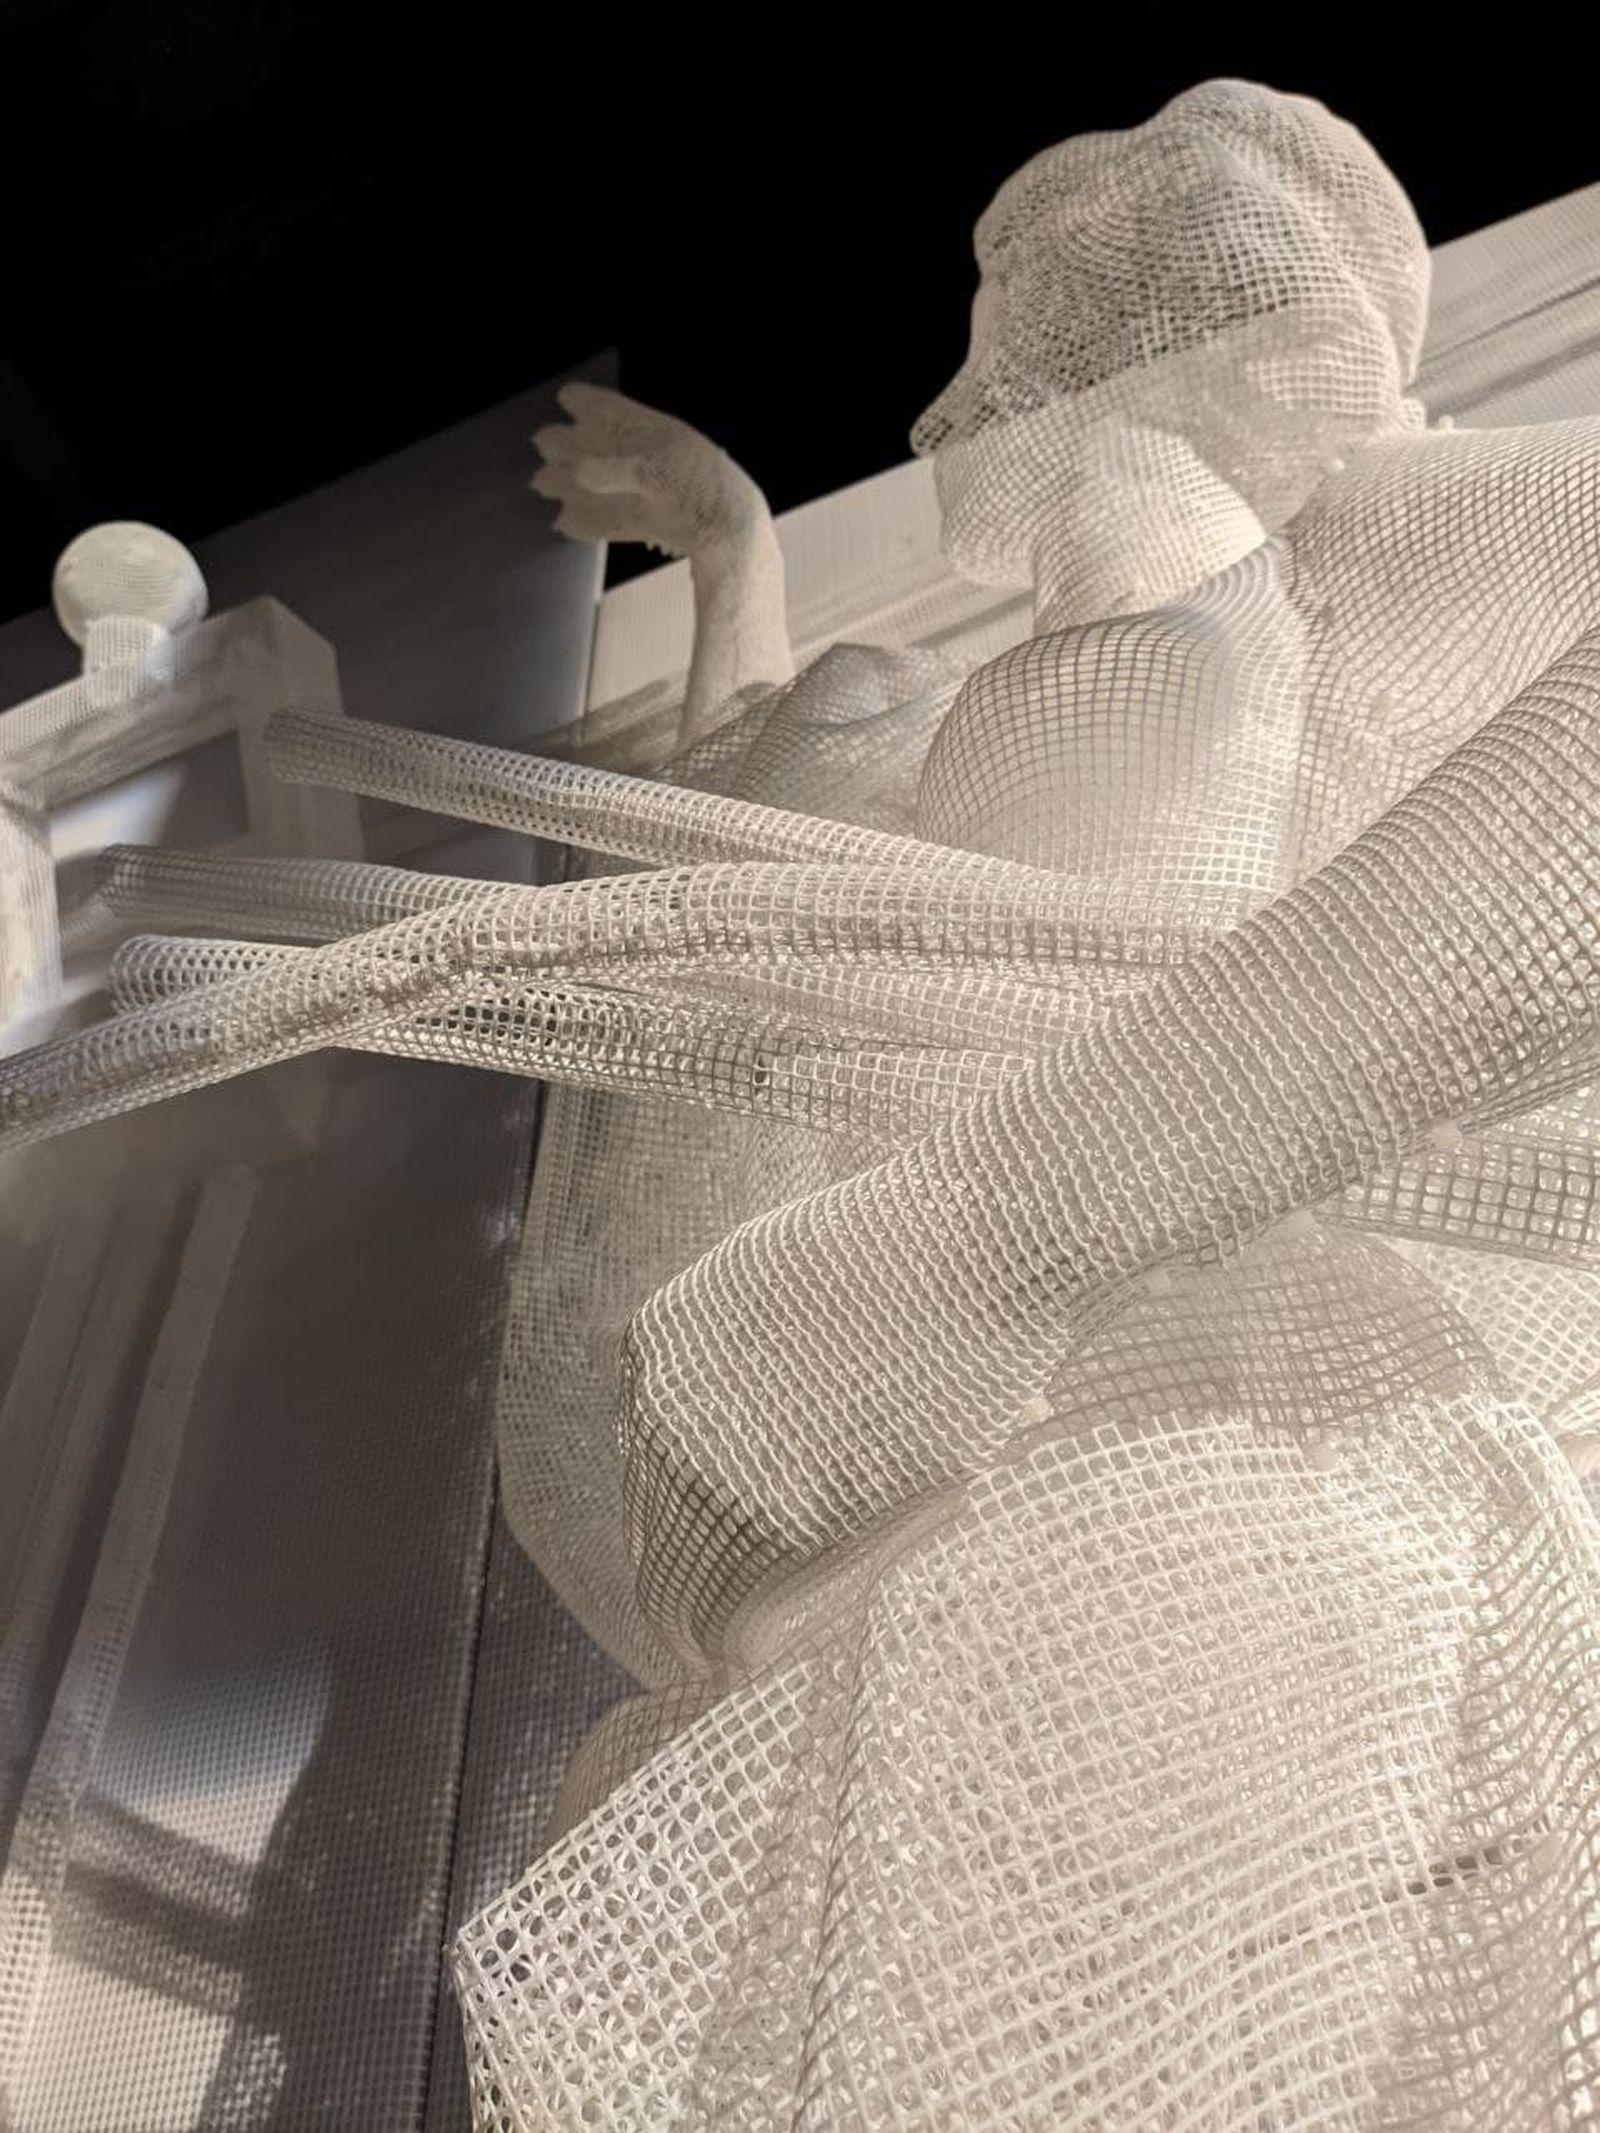 Художники работали со всевозможными материалами — от мрамора и пластика до искусственного интеллекта / Фото: Владимир Коваленко